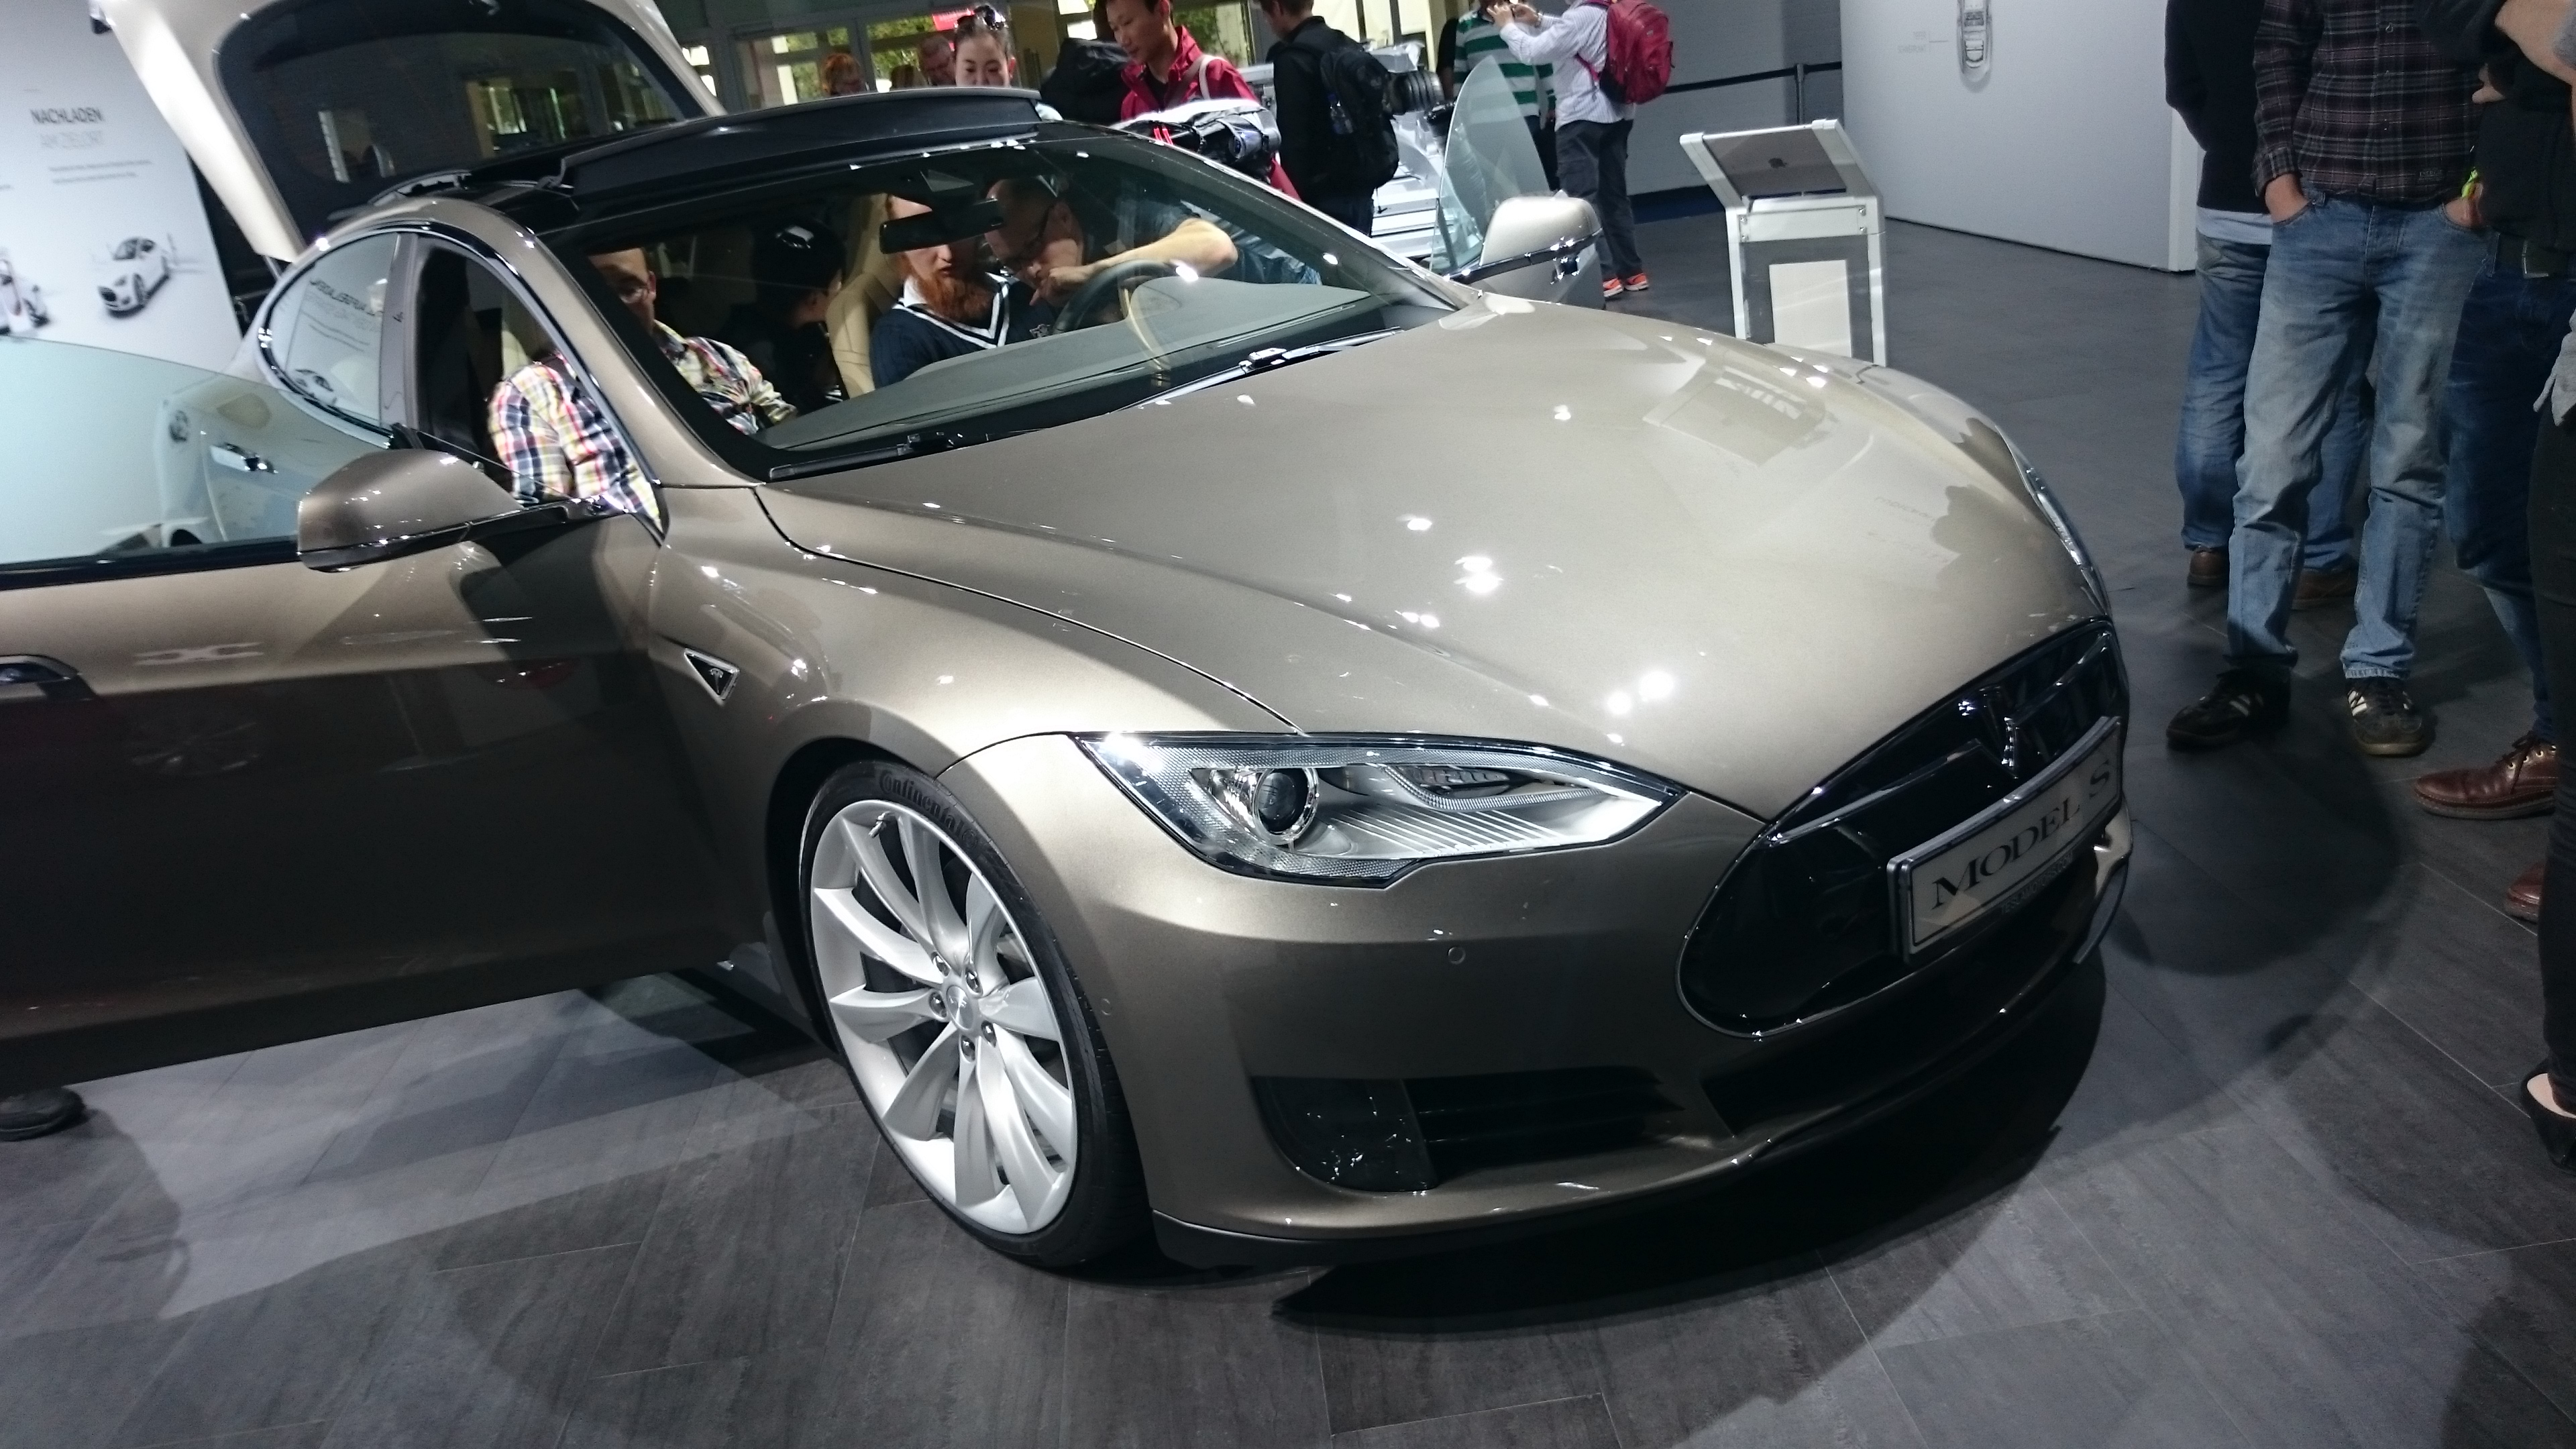 Fotos 360 del Tesla Model S en color bronce #VidePan en #IAA2015